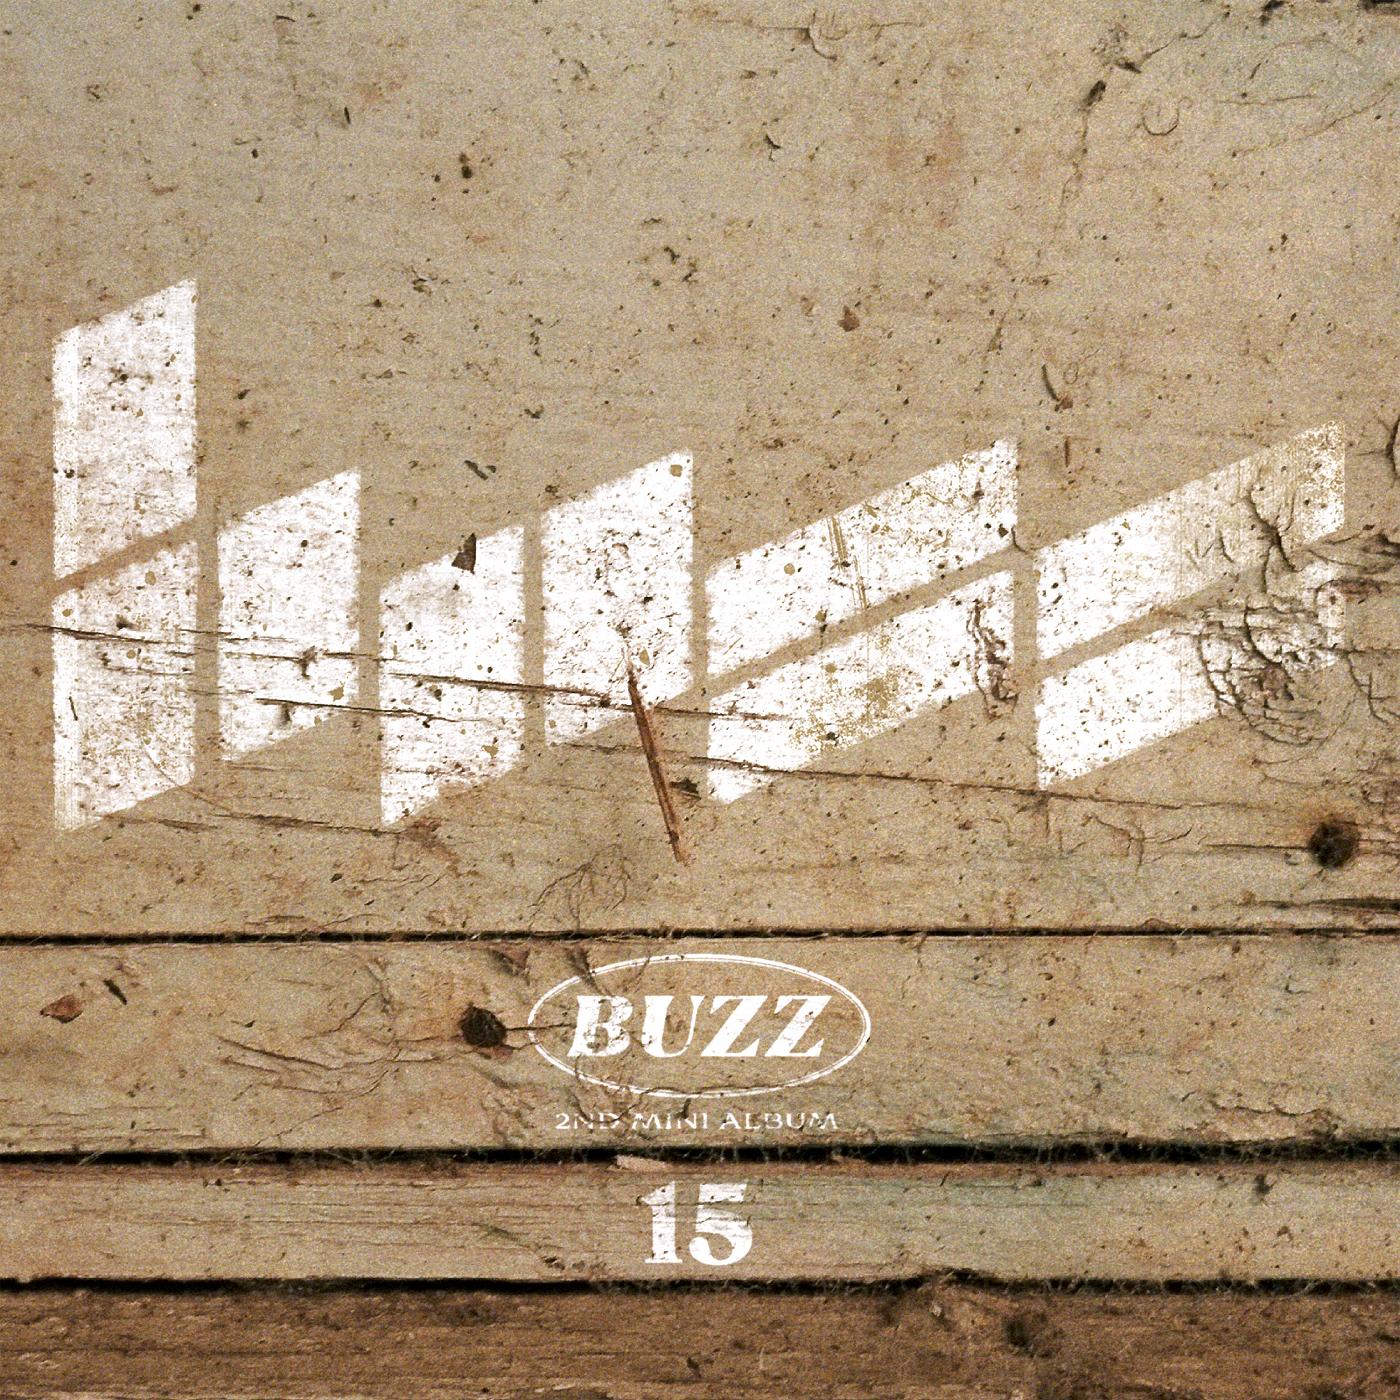 15 (Buzz)